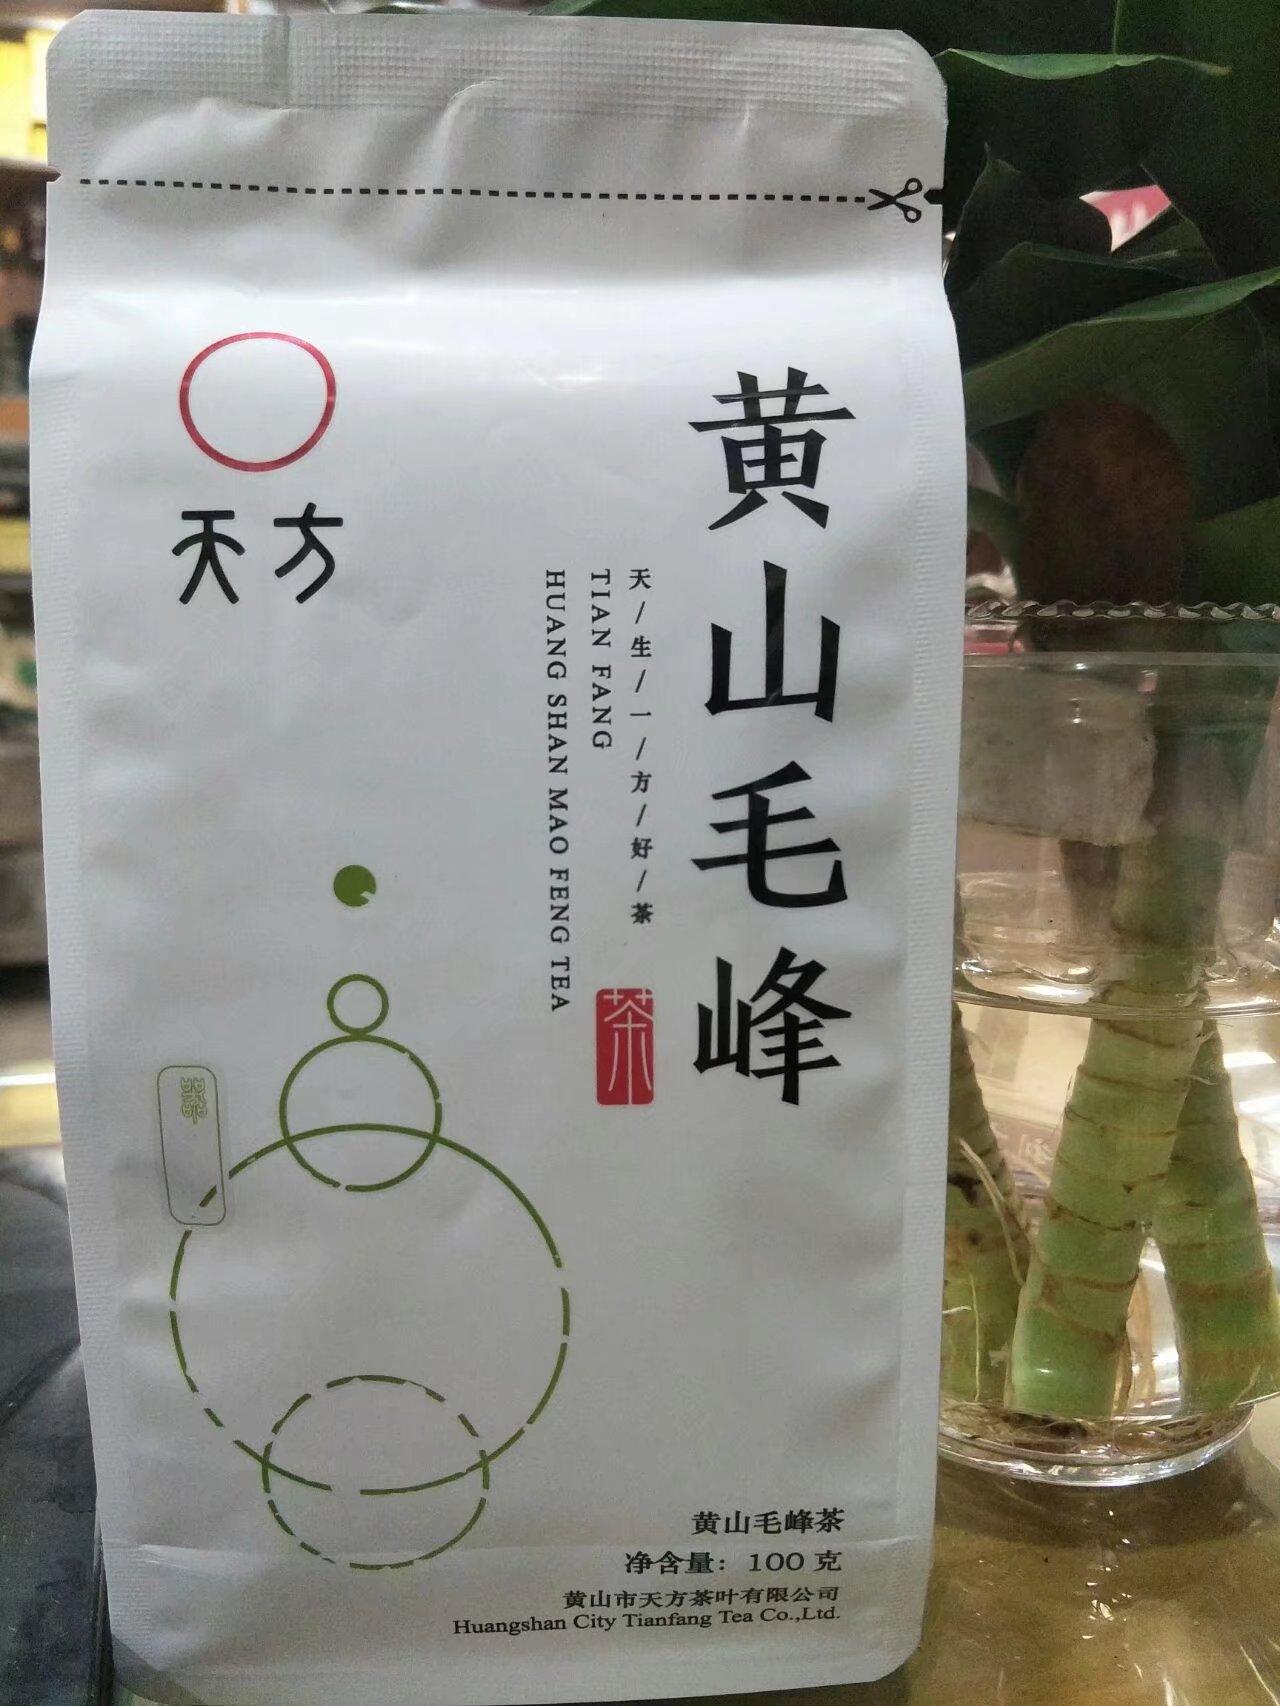 包邮天方茶叶2017新茶黄山毛峰实惠袋装100g绿茶公司直销